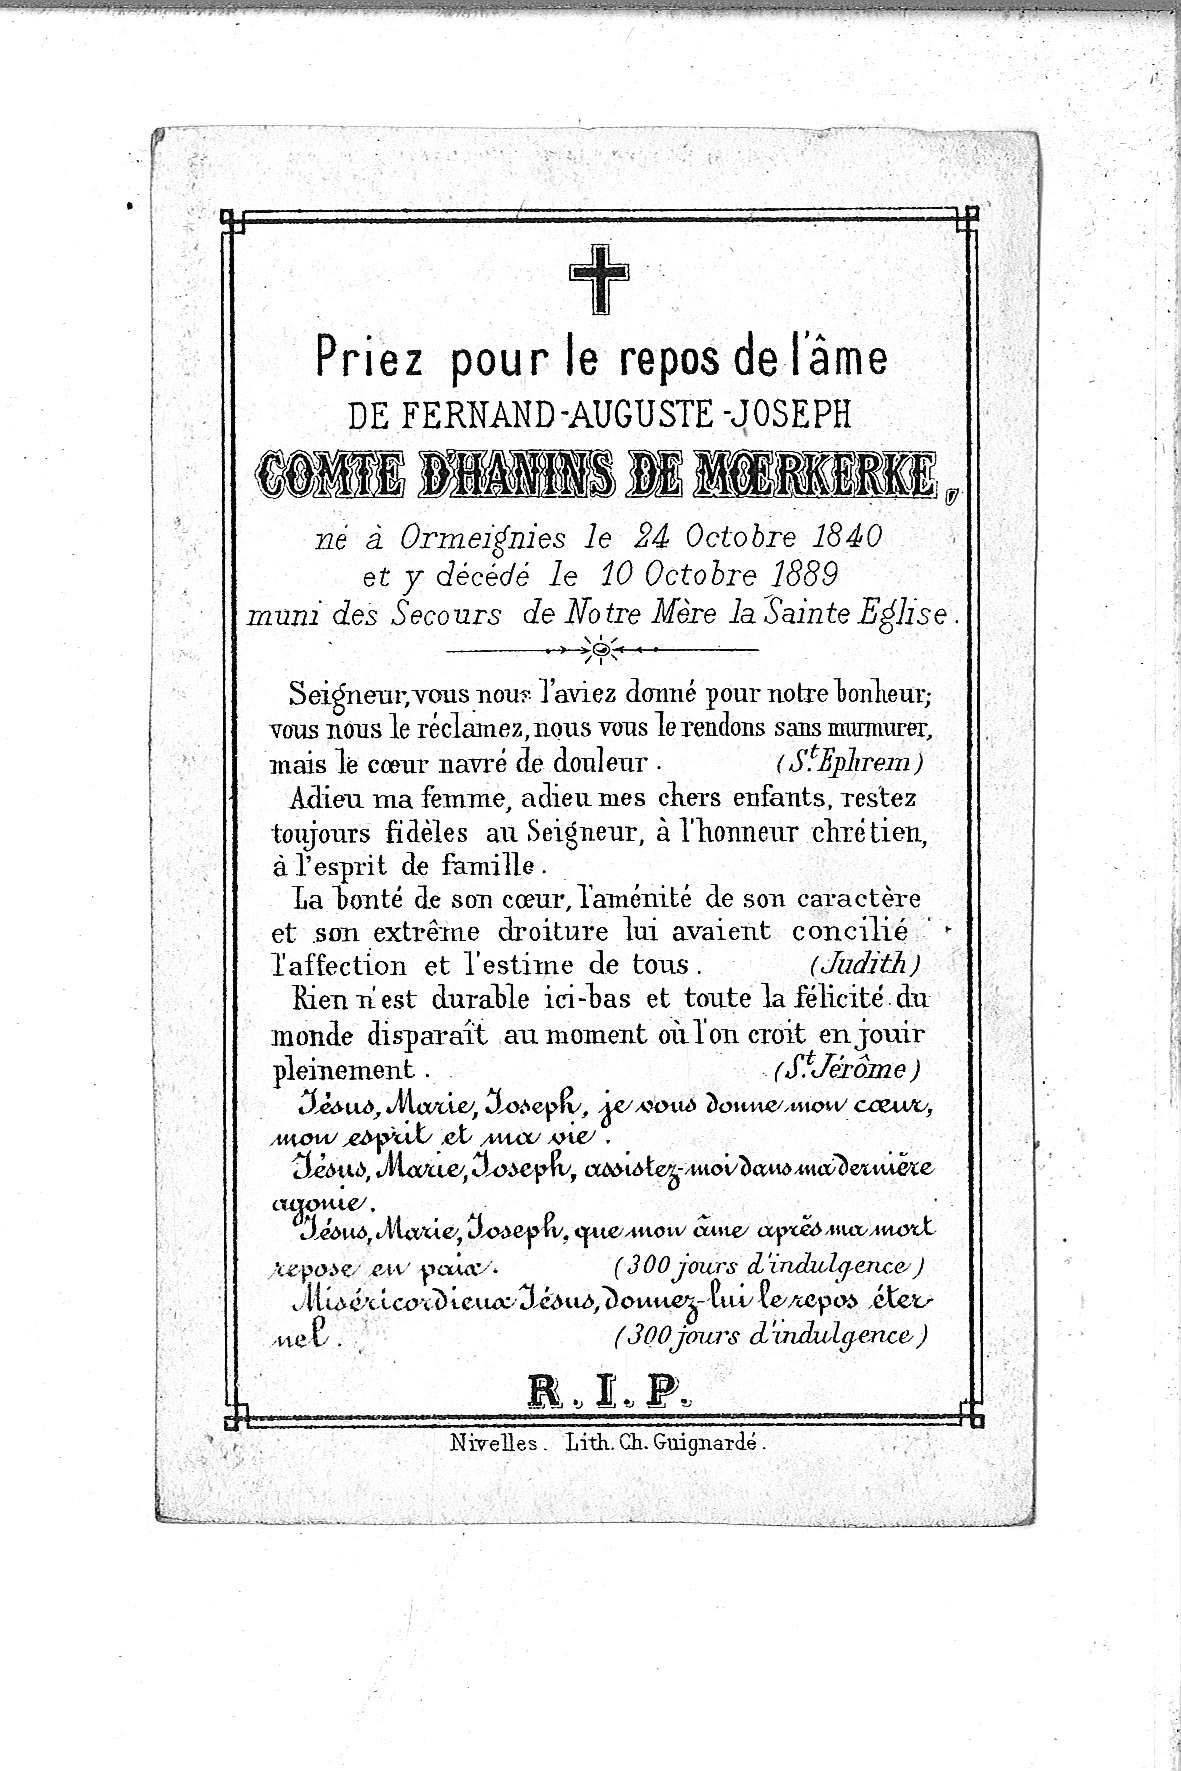 Fernand-Auguste-Joseph-(1889)-20121015081706_00050.jpg